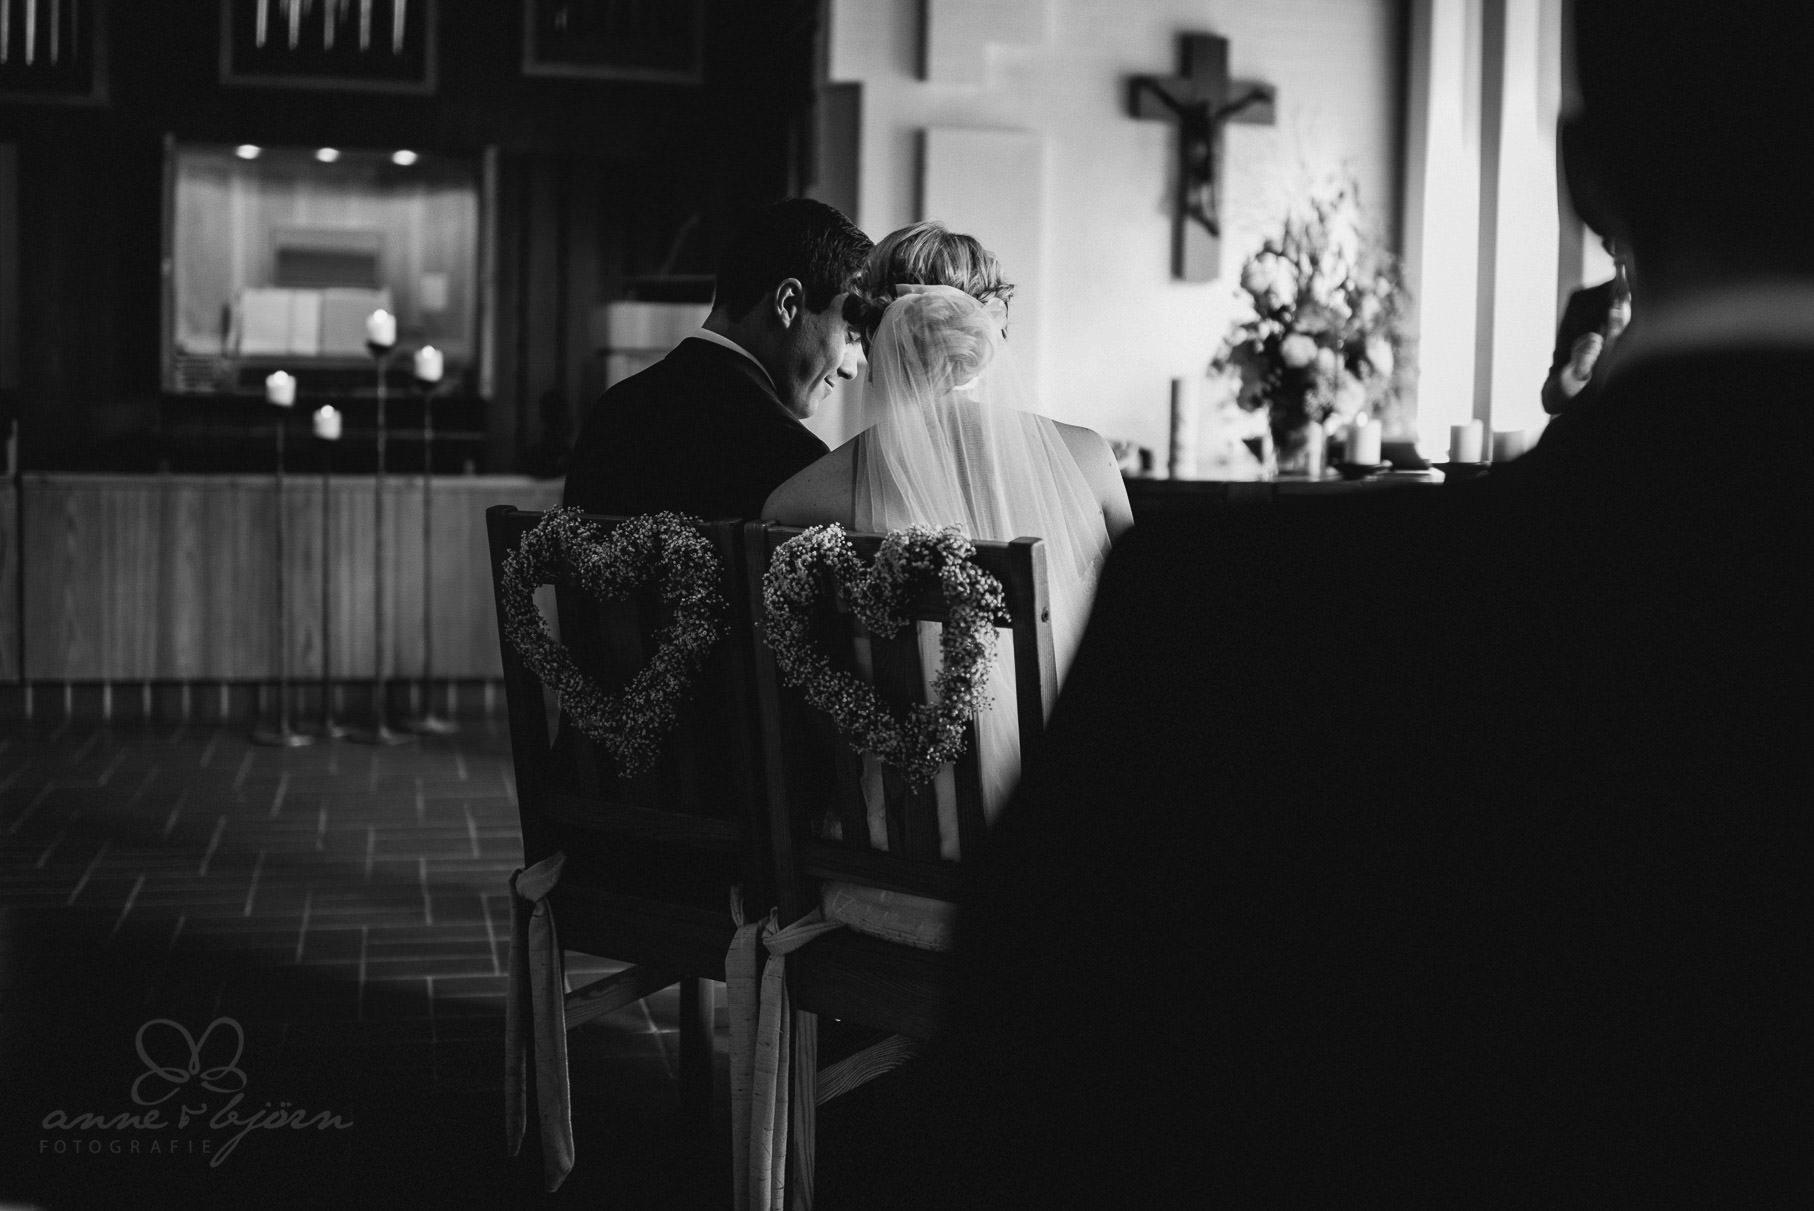 0022 euo 812 0441 - Hochzeit im Schloss Reinbek - Elvira & Olaf